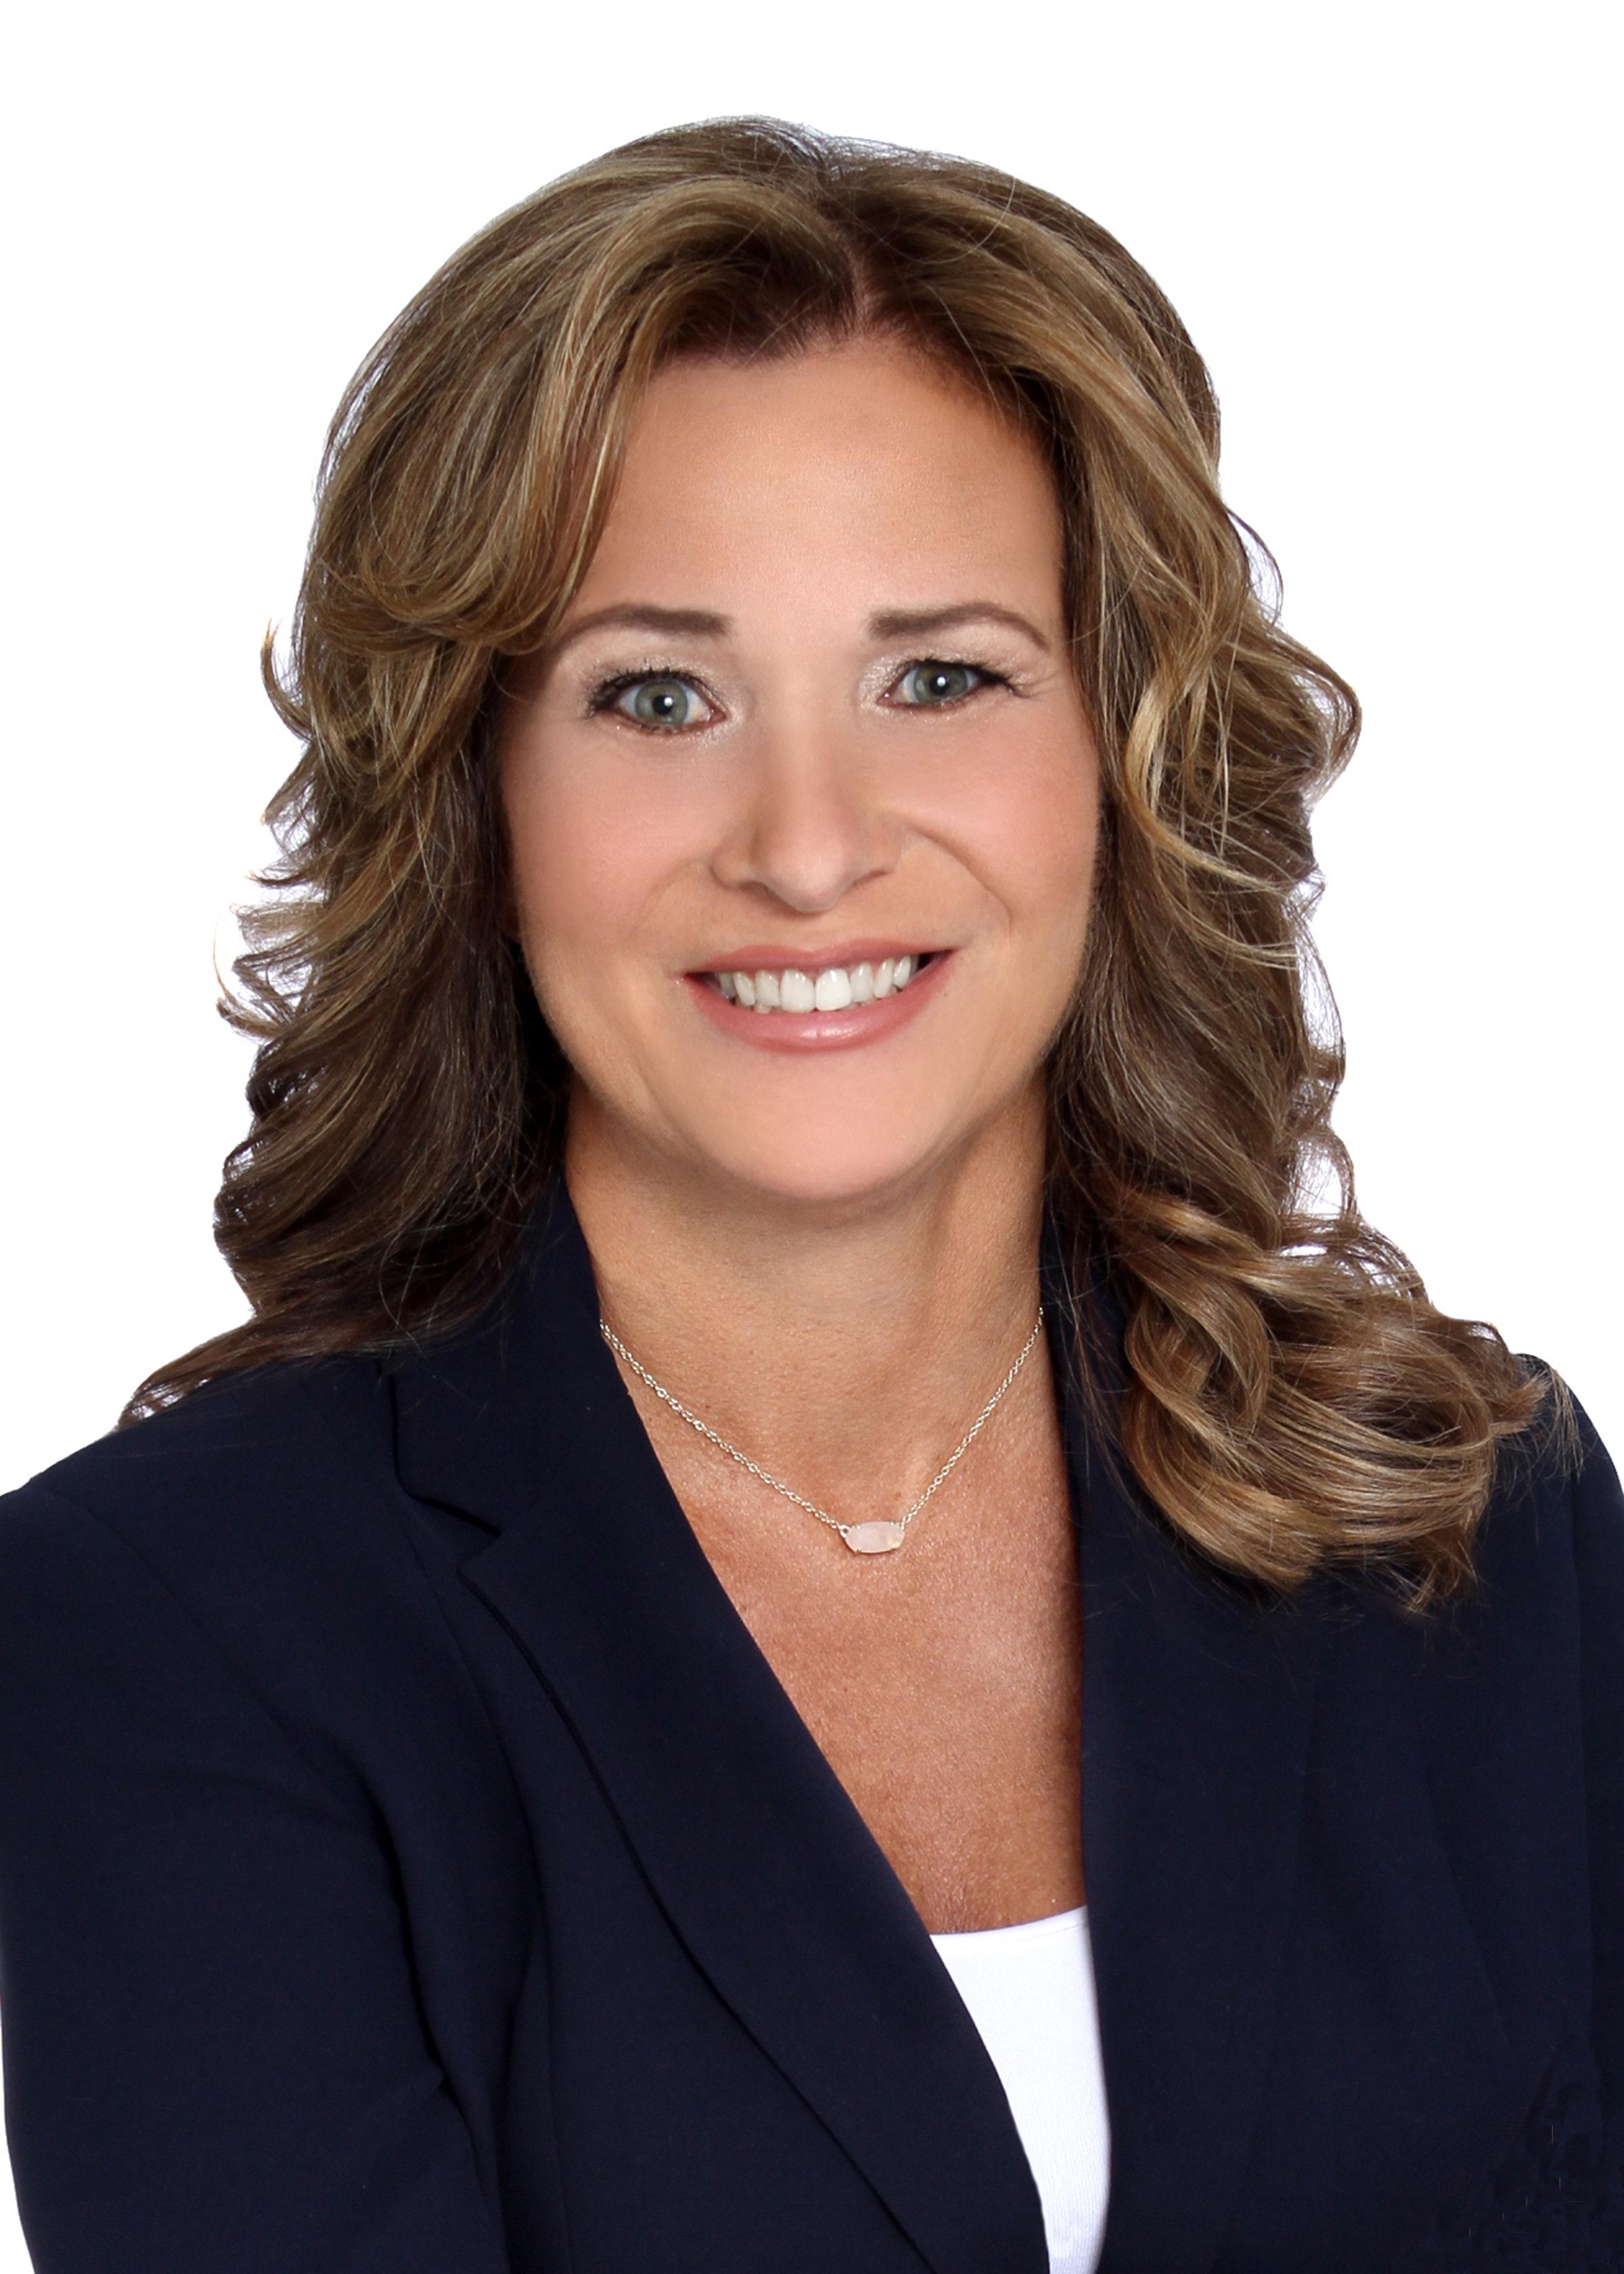 Michelle Paranzine